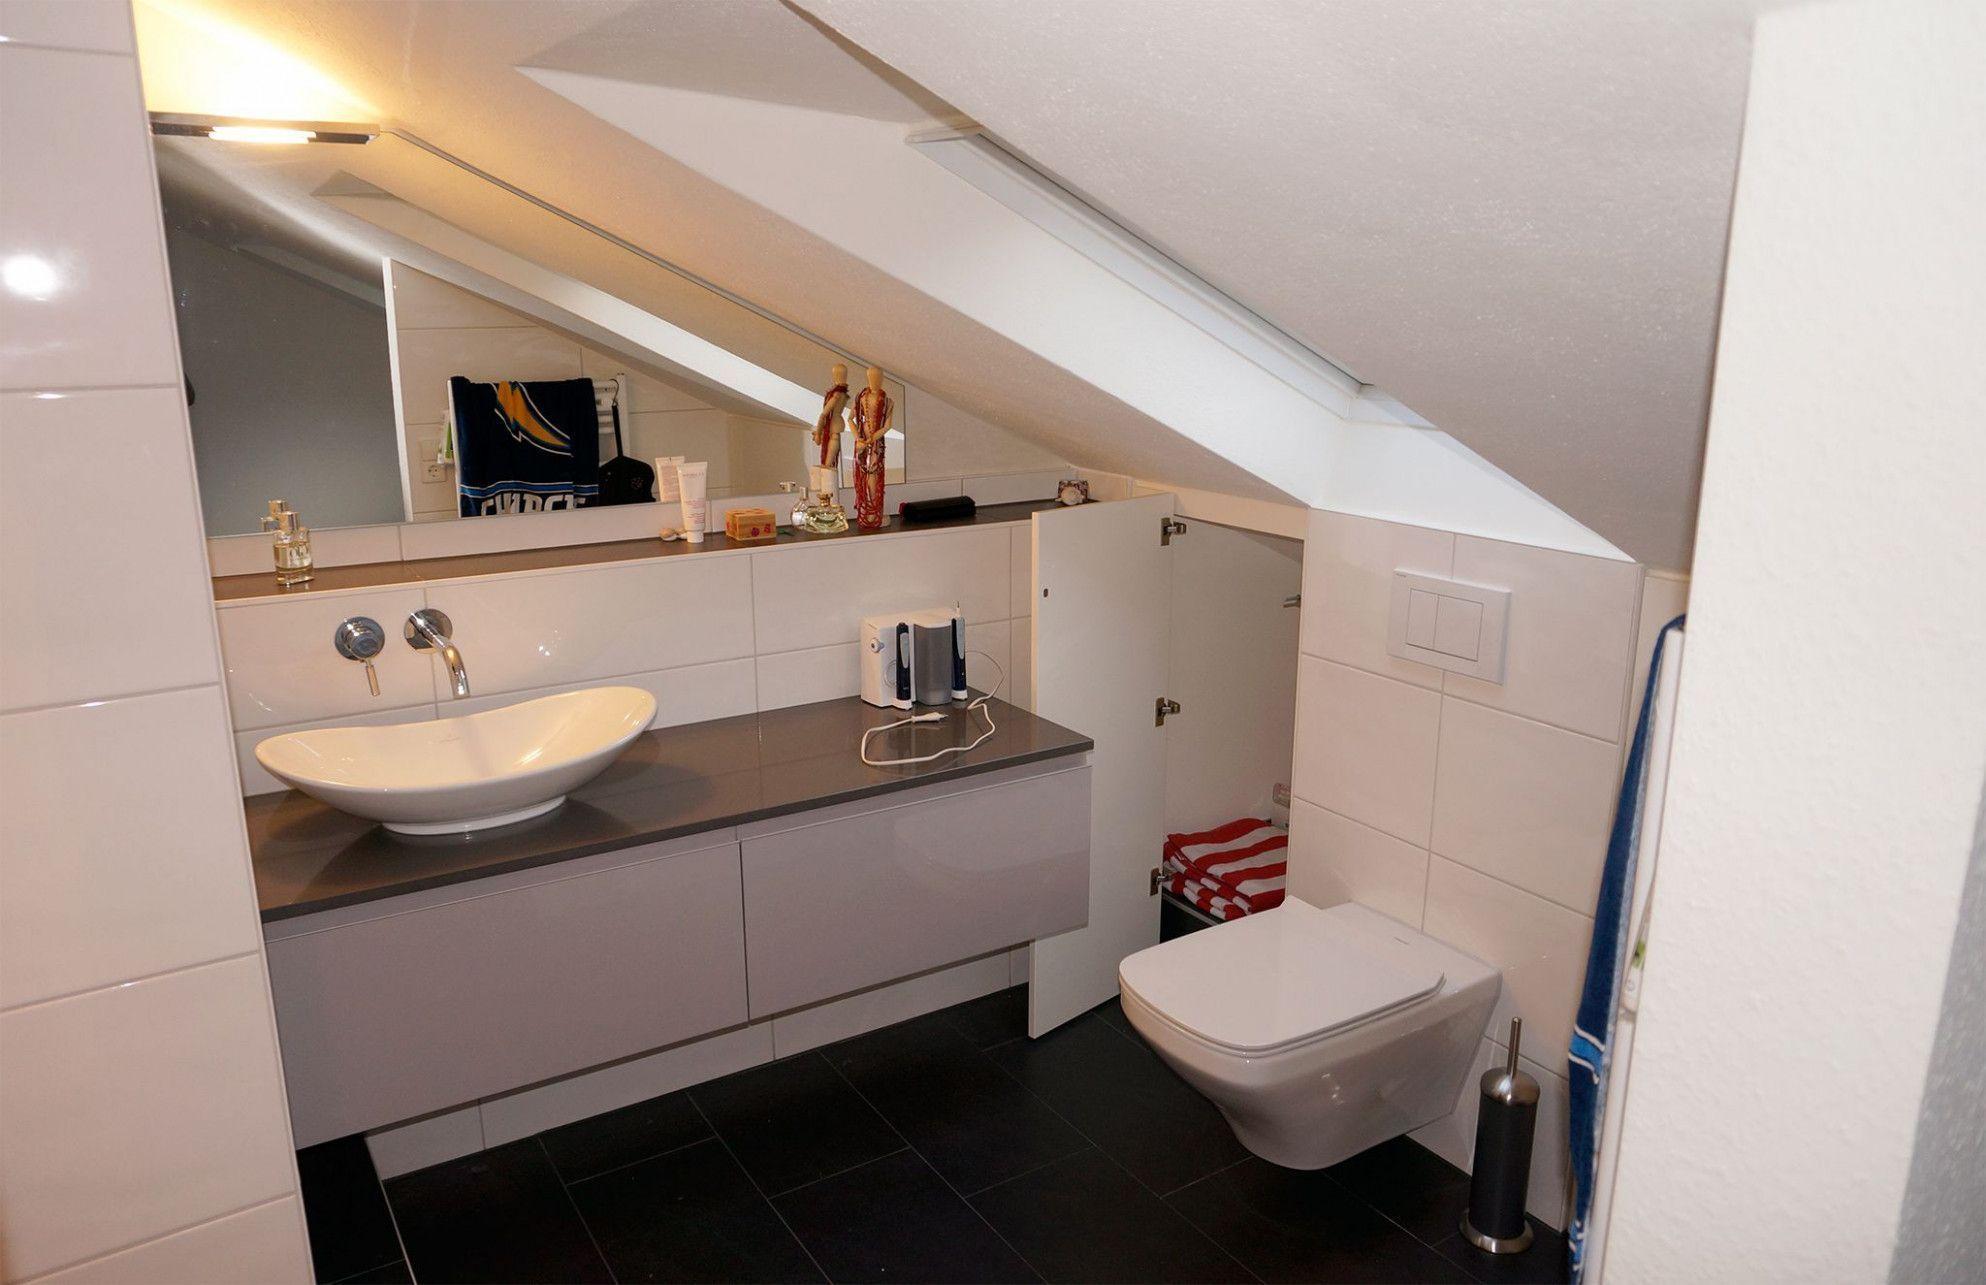 Badezimmer Dachschrage Den Hintergrund Schran In 2020 Badezimmer Schrank Altrosa Schlafzimmer Begehbarer Kleiderschrank Dachschrage